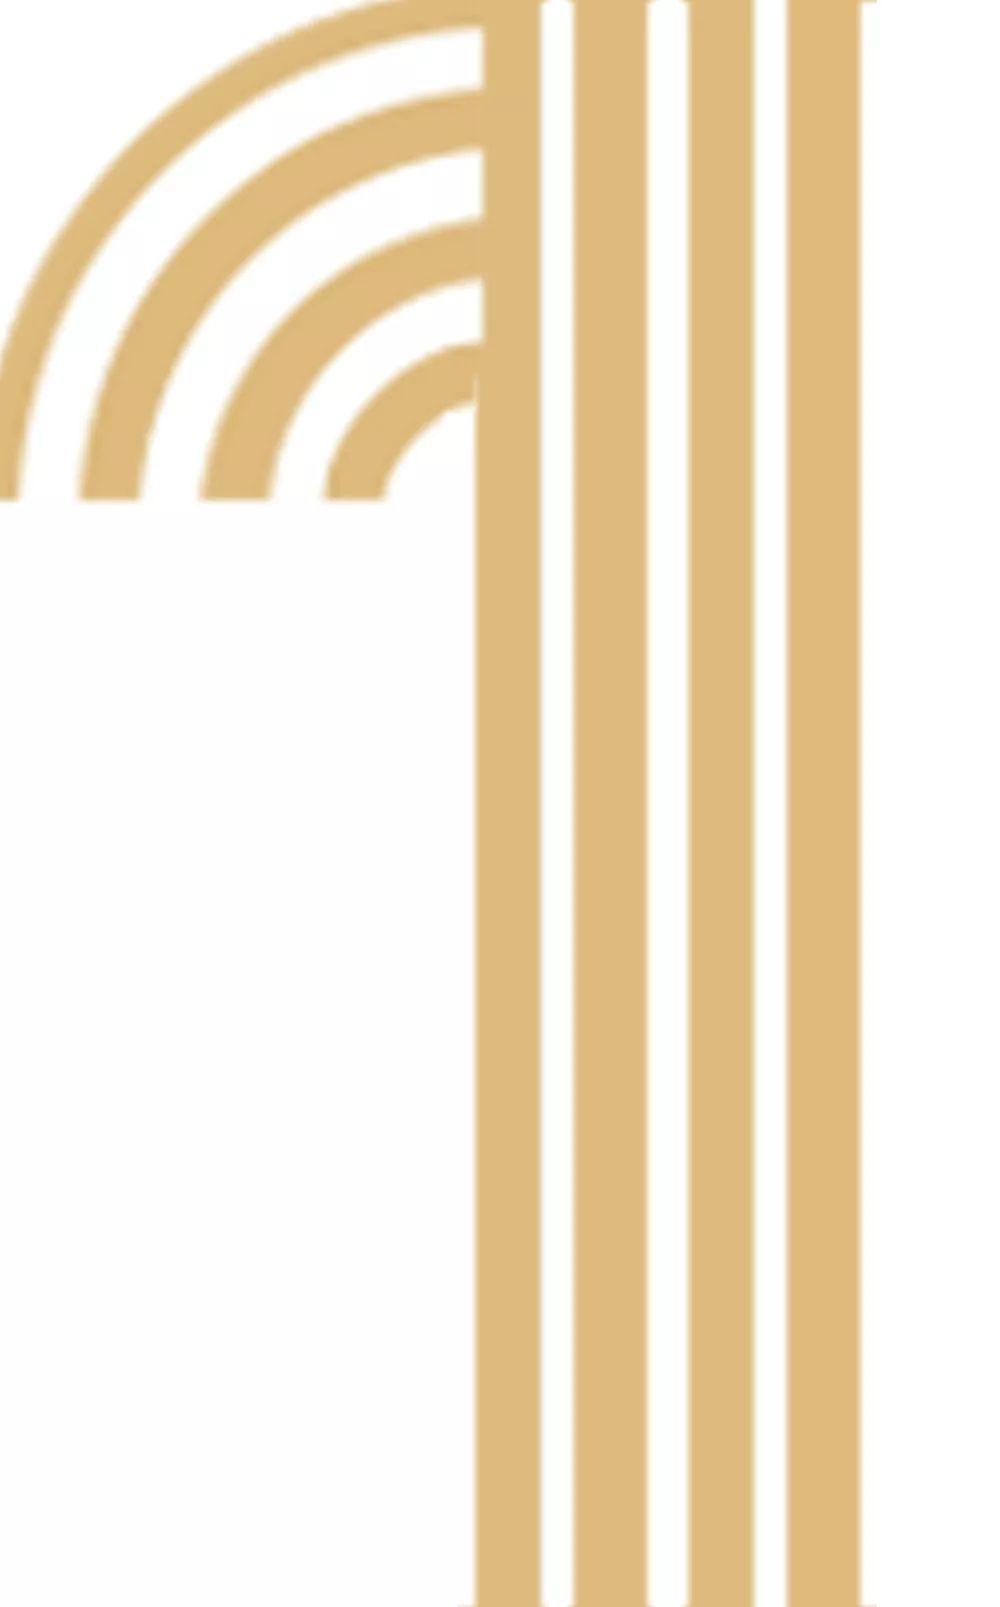 【天河区·太阳新天地六楼·钦差大臣·江浙菜品·周一至周四无需预约】御厨者,以客至上,复刻历代宫廷川浙系列膳点!新派御厨『宫廷菜』,拿下天河Top1!仅128元即享门市价340元的3-4人餐!将军酸菜鱼+蒜蓉凤尾虾+江南糖醋小排+高邮咸蛋黄鸡翅+西湖糖藕....进店一秒间穿越历代宫廷~